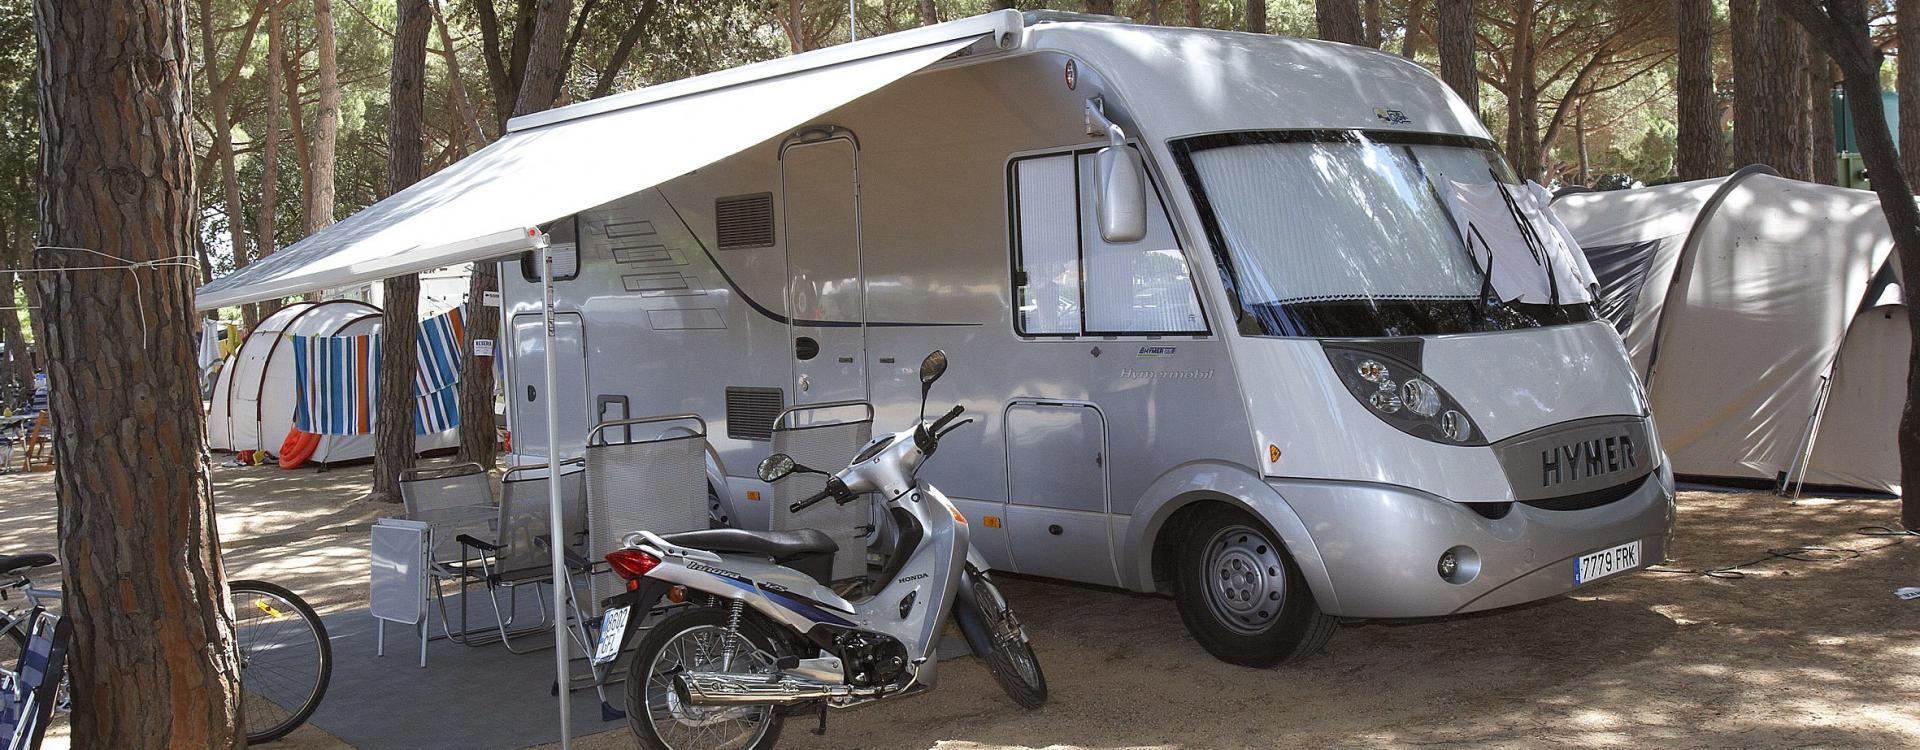 Camping-car sur un terrain ombragé à Playa de Aro